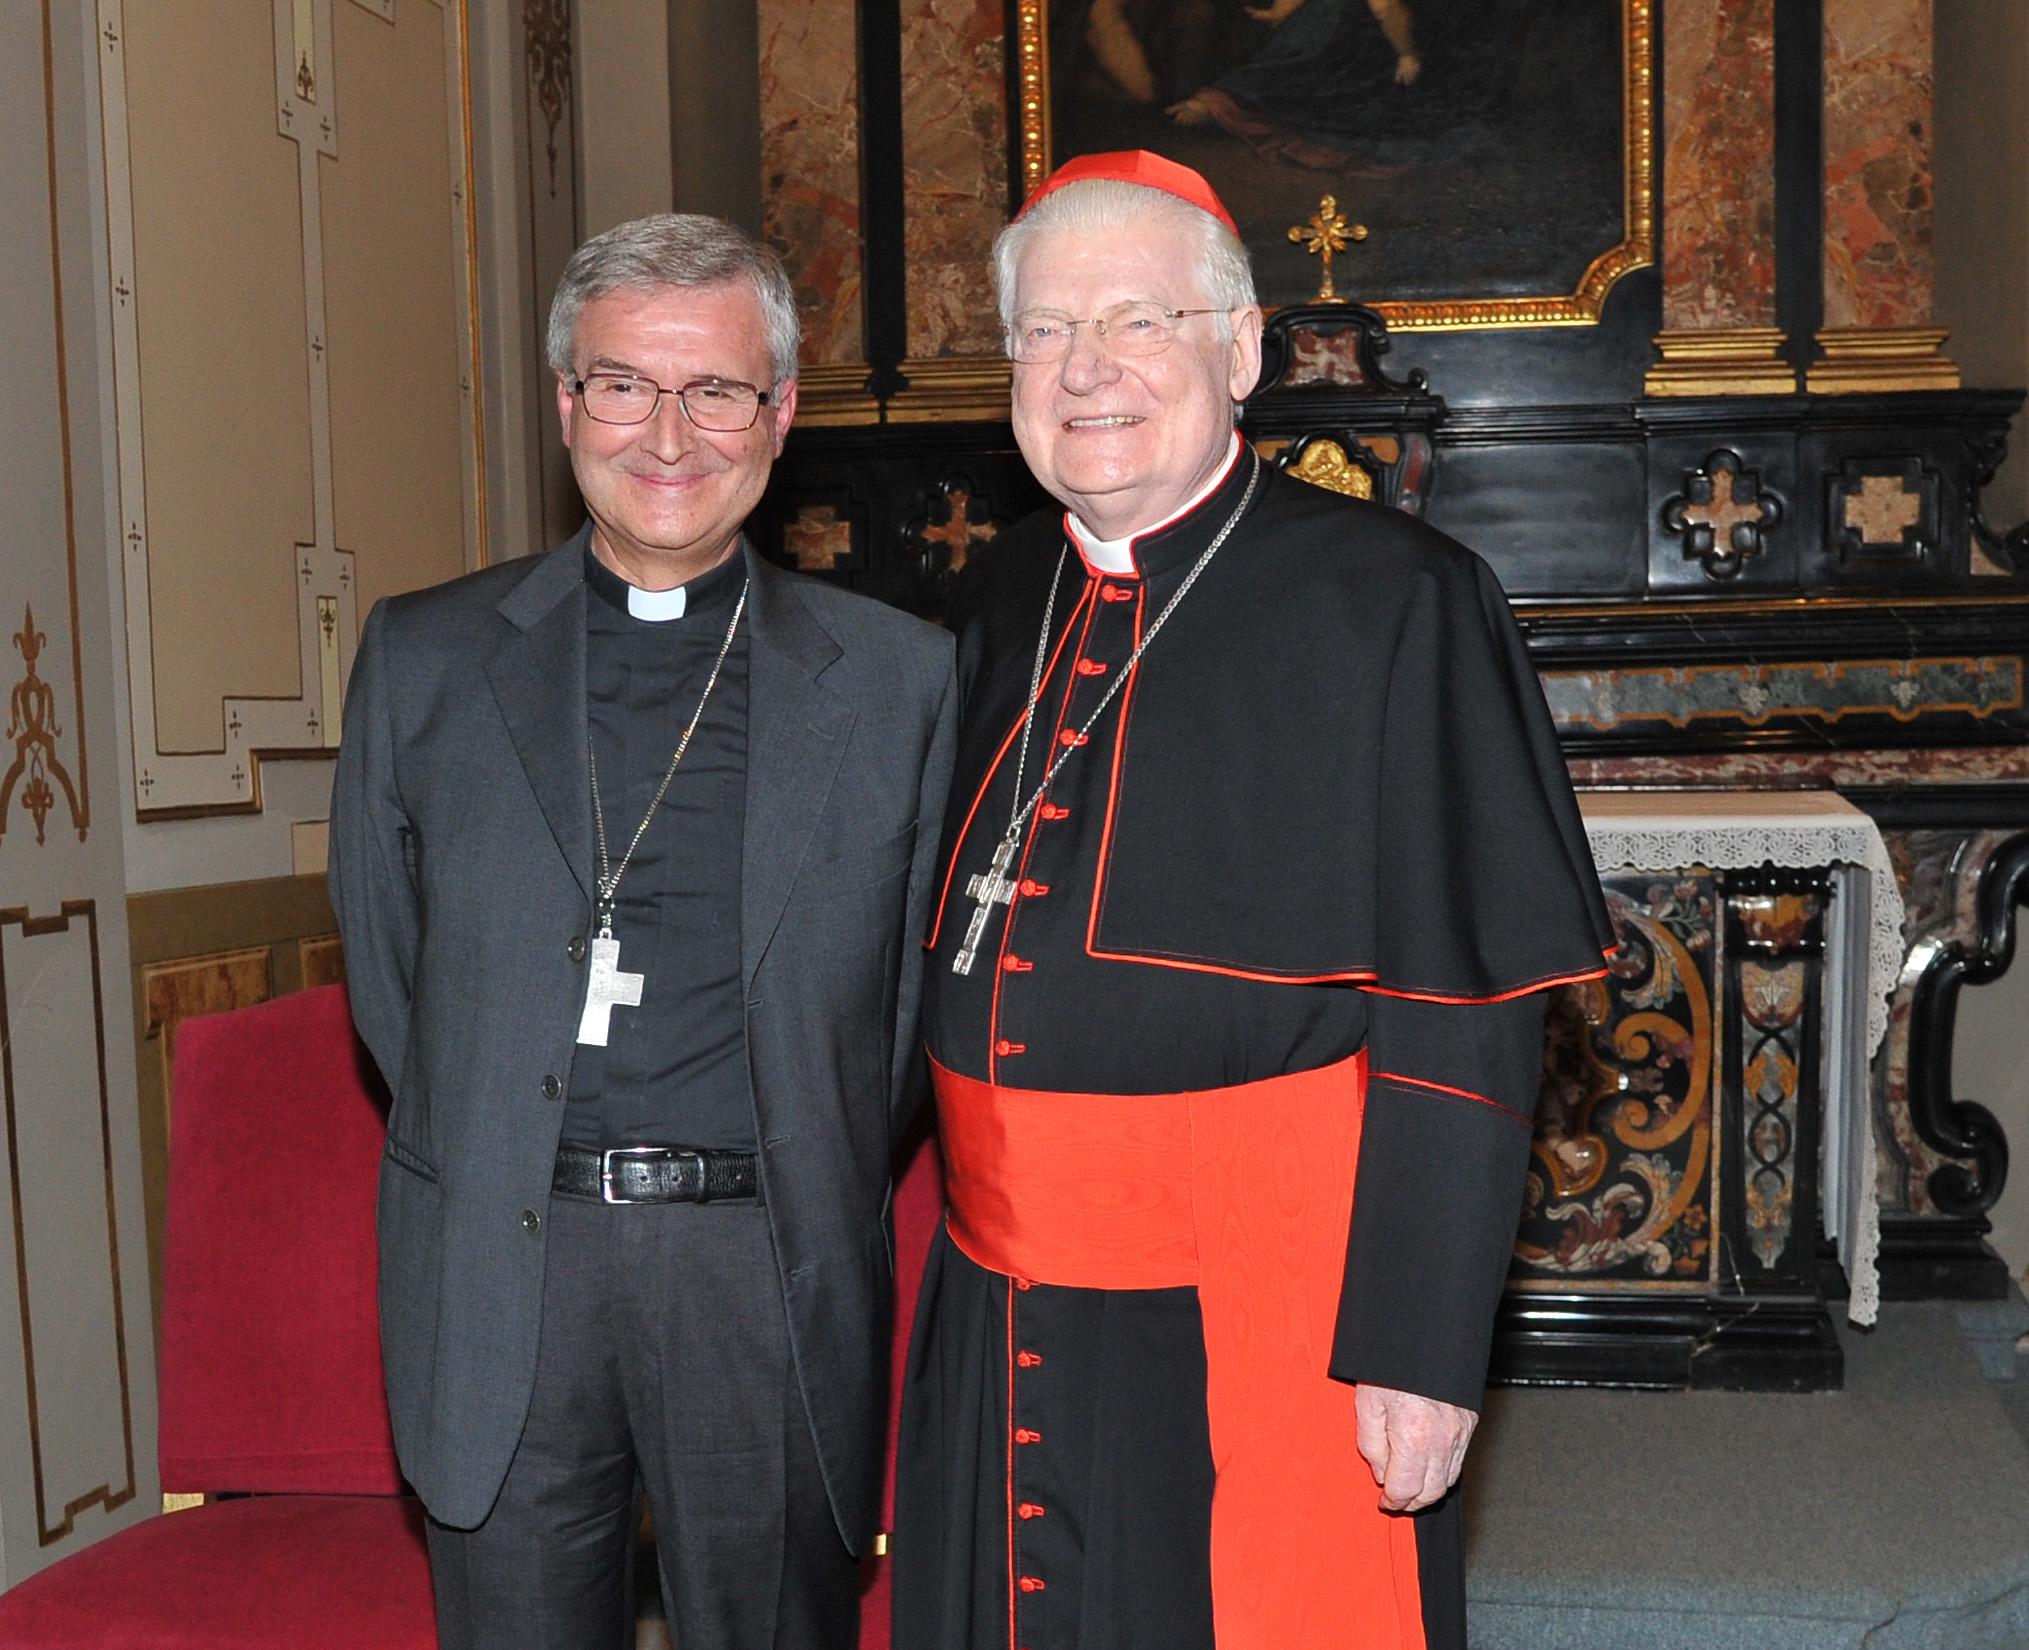 vescovi di brescia - photo#17